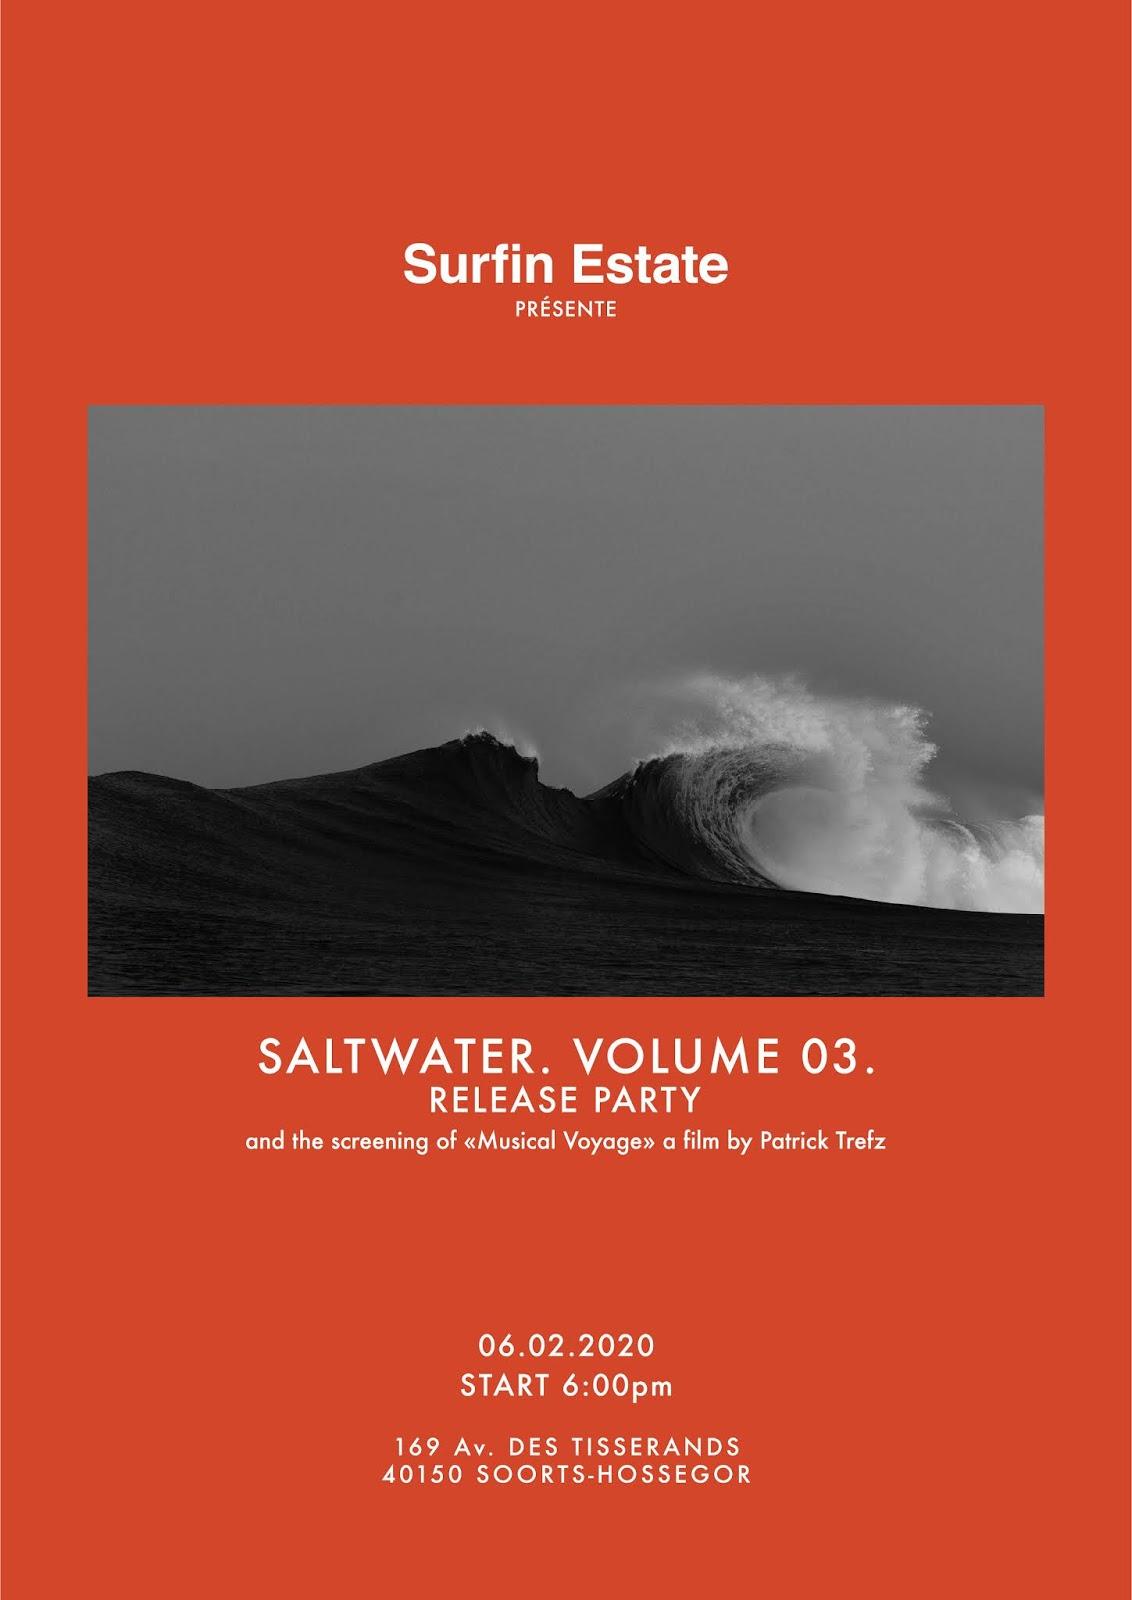 SurfinEstate saltwater magazine Arthur Nelli Vincent Lemanceau Hossegor France shop surf culture